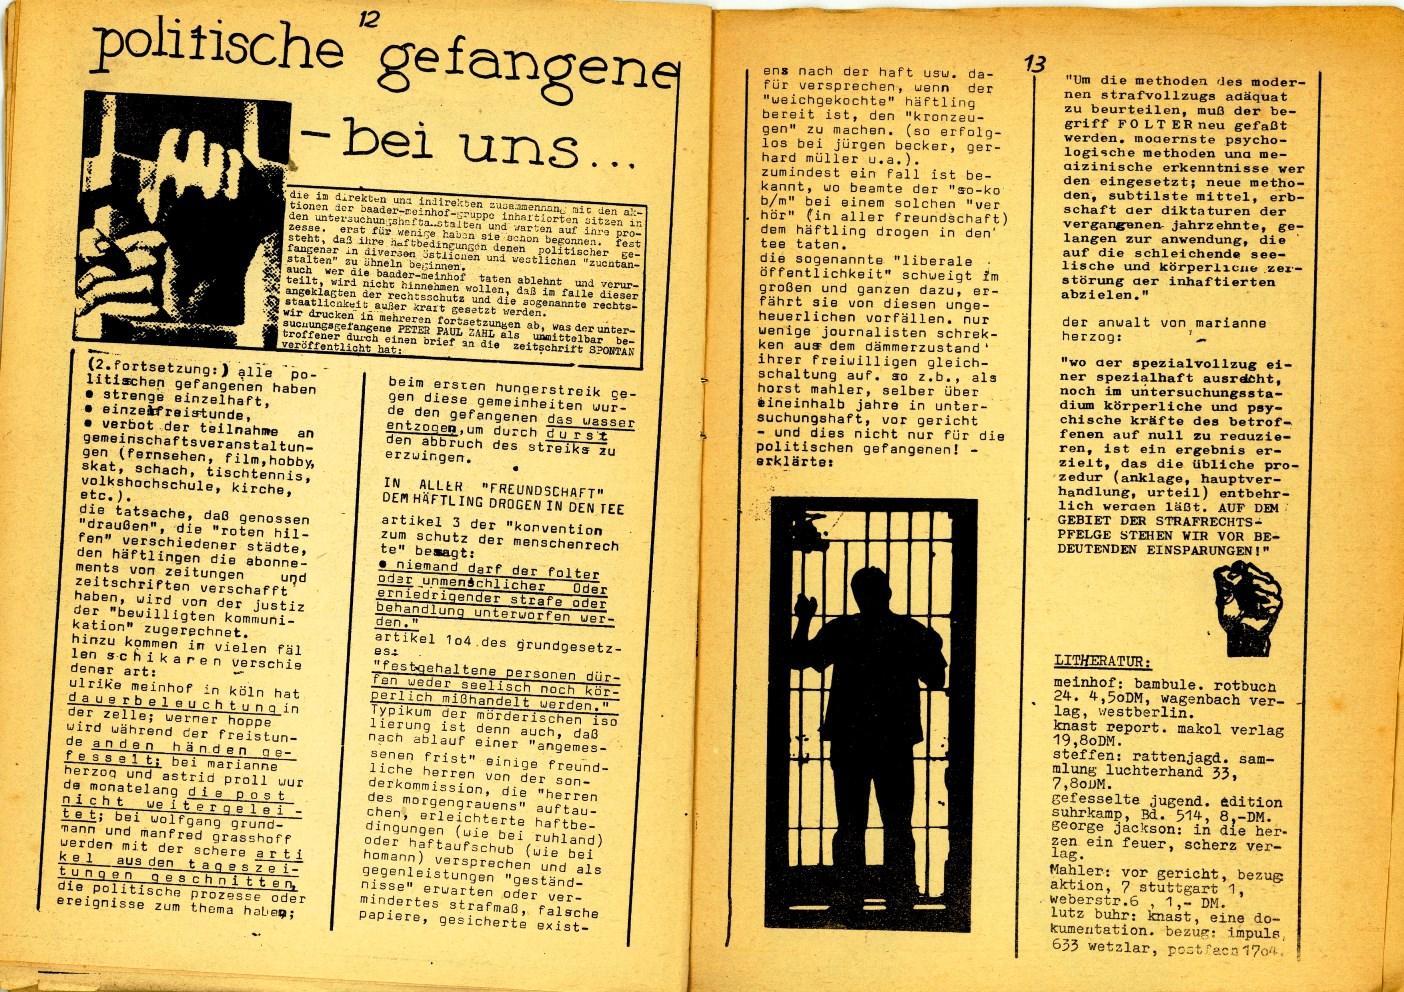 Wetzlar_RH_SK_Nachrichten_1974_07_08_07